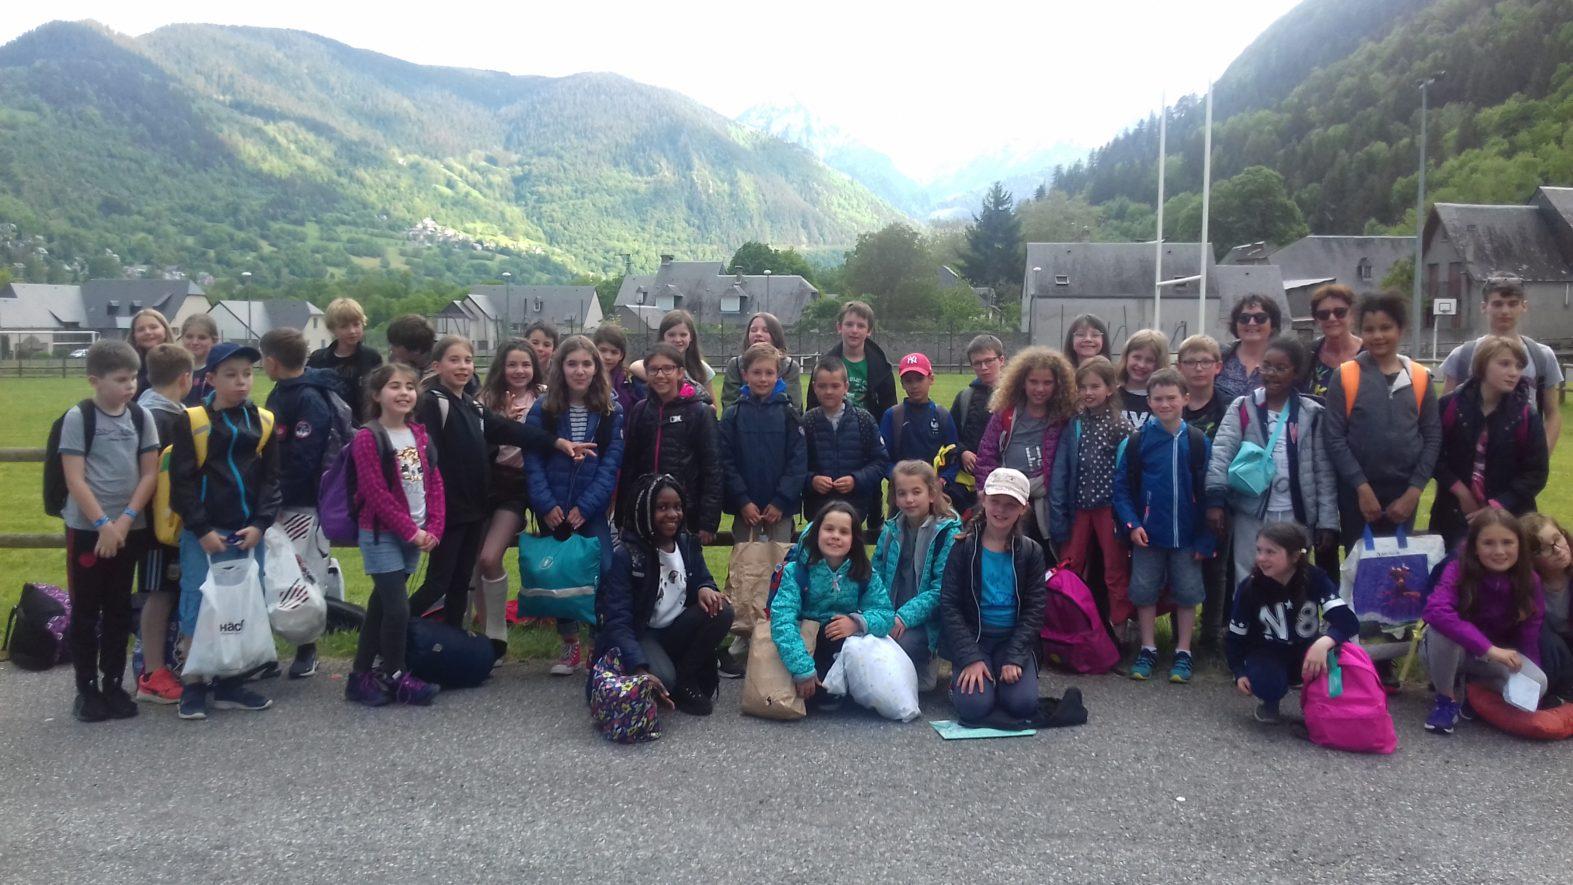 Séjour dans les Pyrénées journée du 2 juin